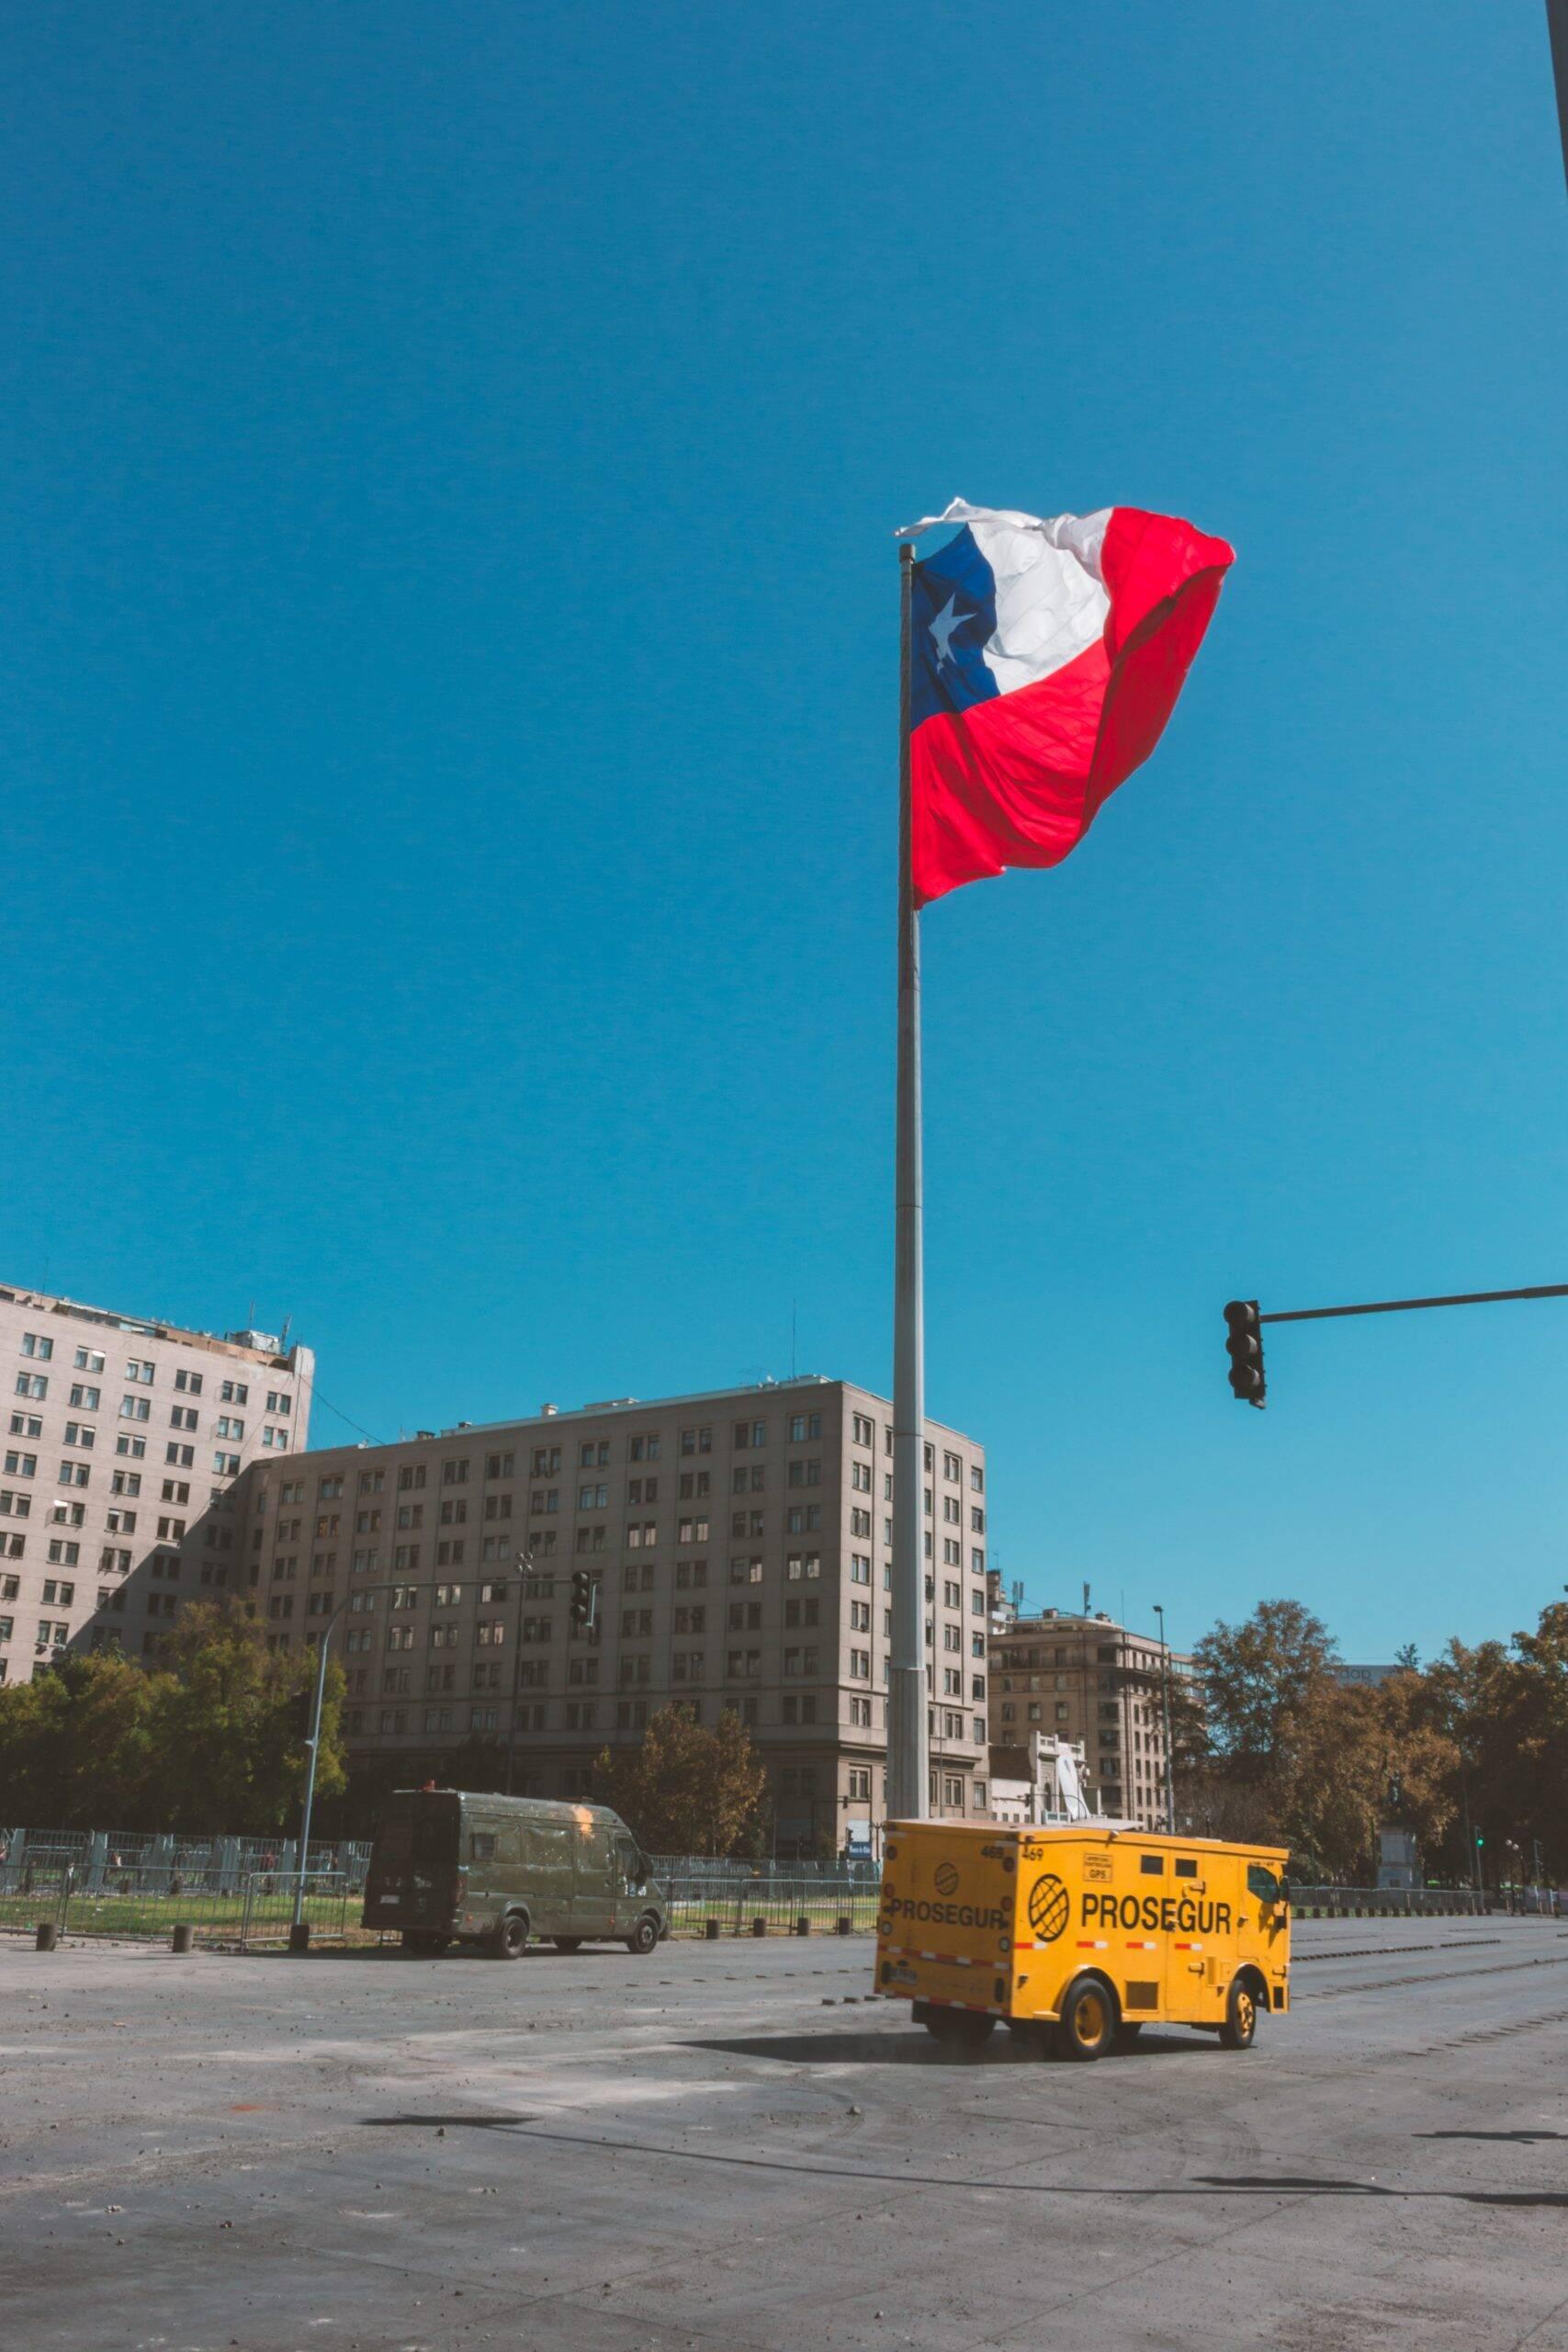 13,90 milhões de chilenos estão com o ciclo de imunização completo, o que mantém o Chile na 24° posição do ranking Global. (Foto: Unsplash)